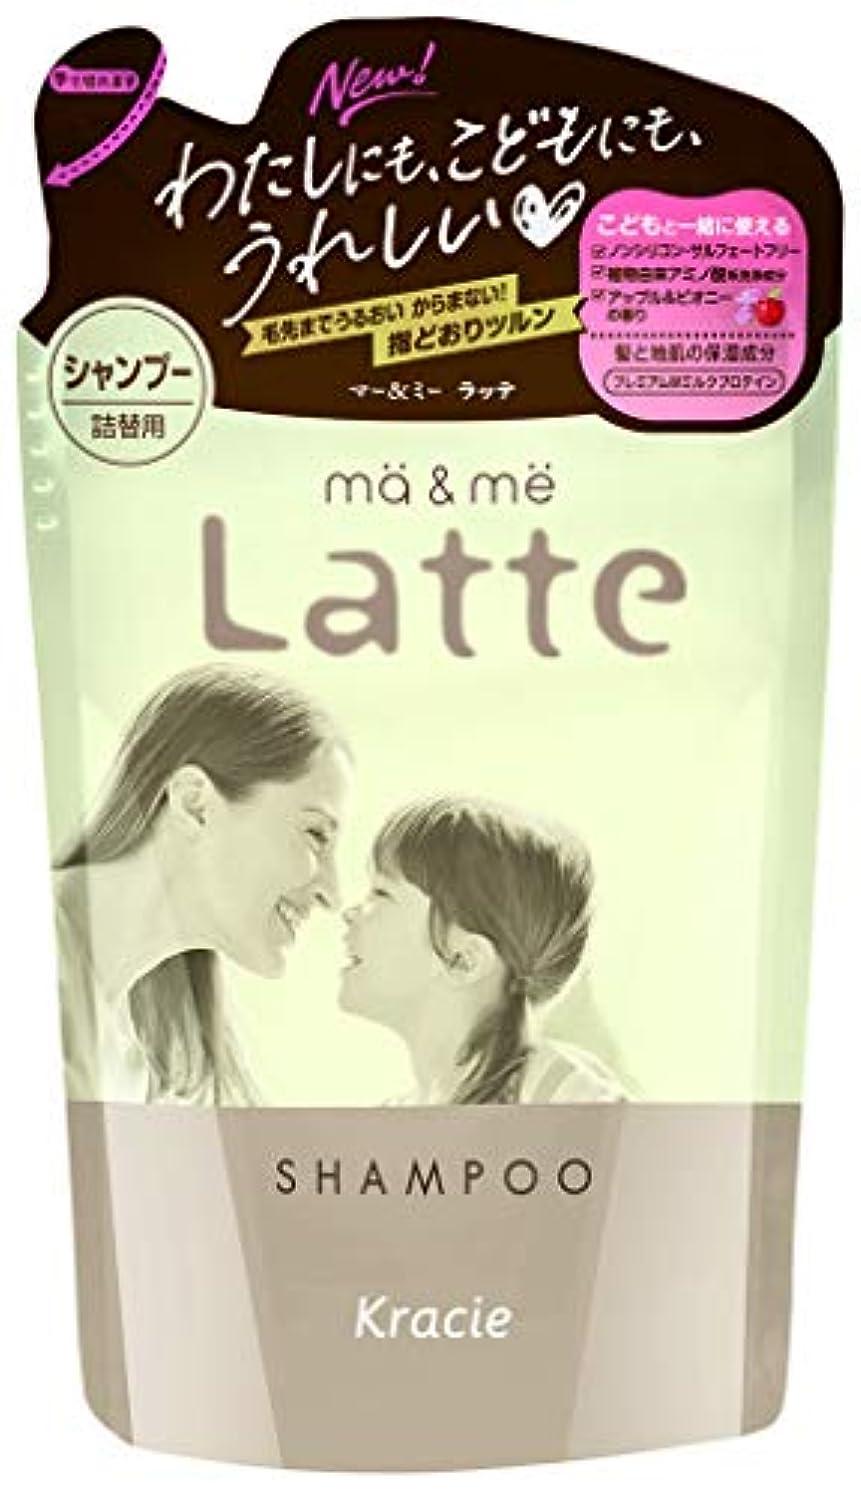 アライメントモルヒネぎこちないマー&ミーLatte シャンプー詰替360mL プレミアムWミルクプロテイン配合(アップル&ピオニーの香り)